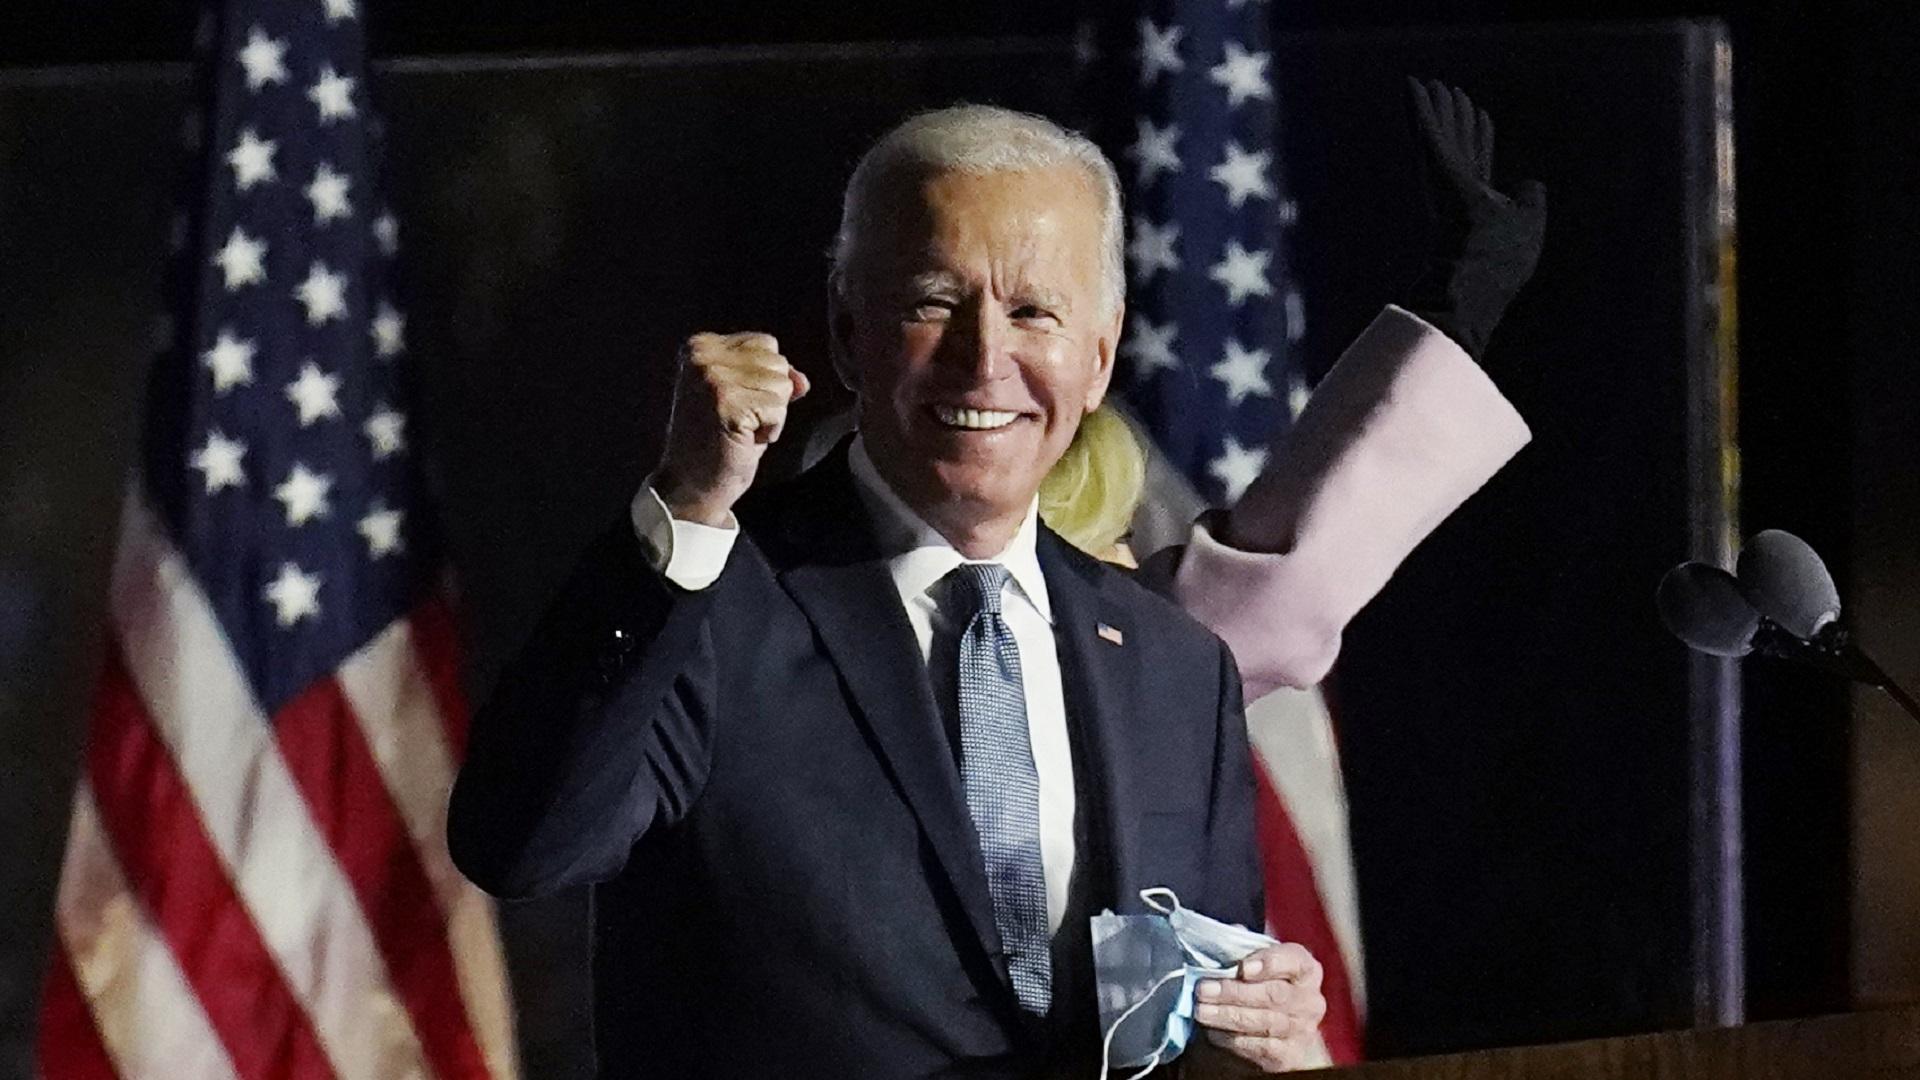 Biden da a conocer a su equipo de comunicaciones: todas son mujeres y una de ellas es hispana